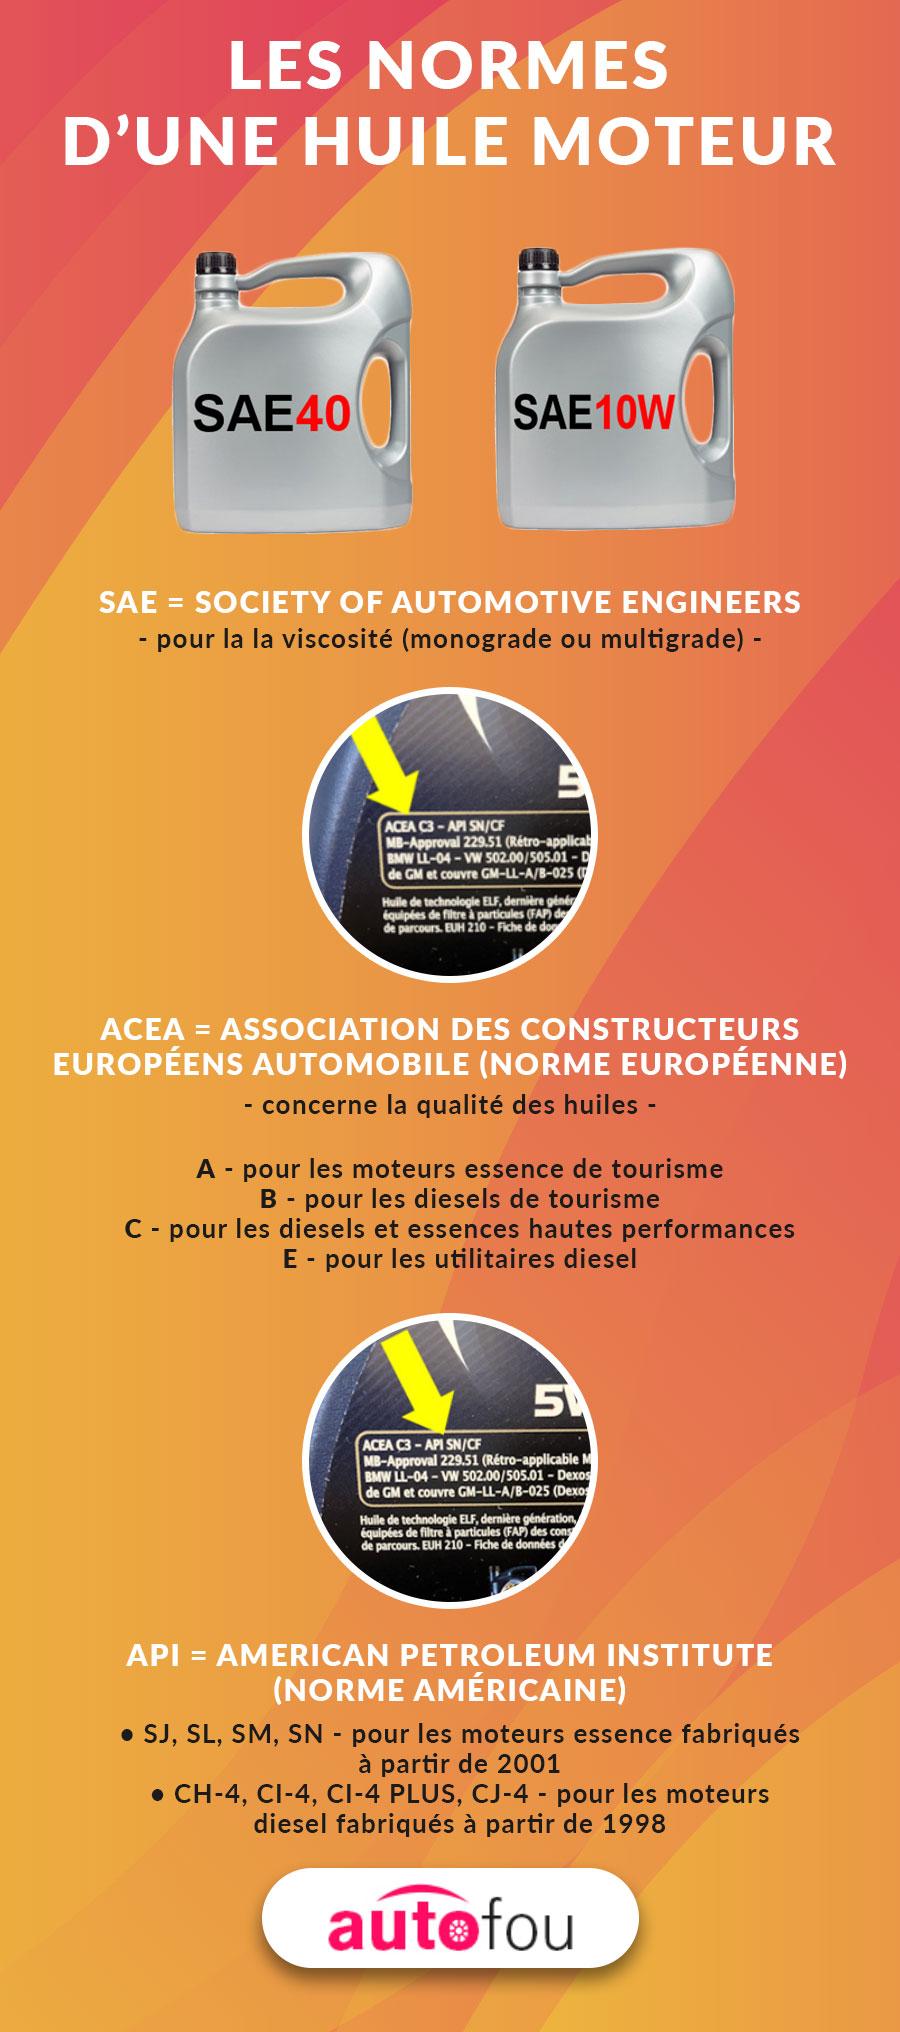 Les normes d'une huile moteur